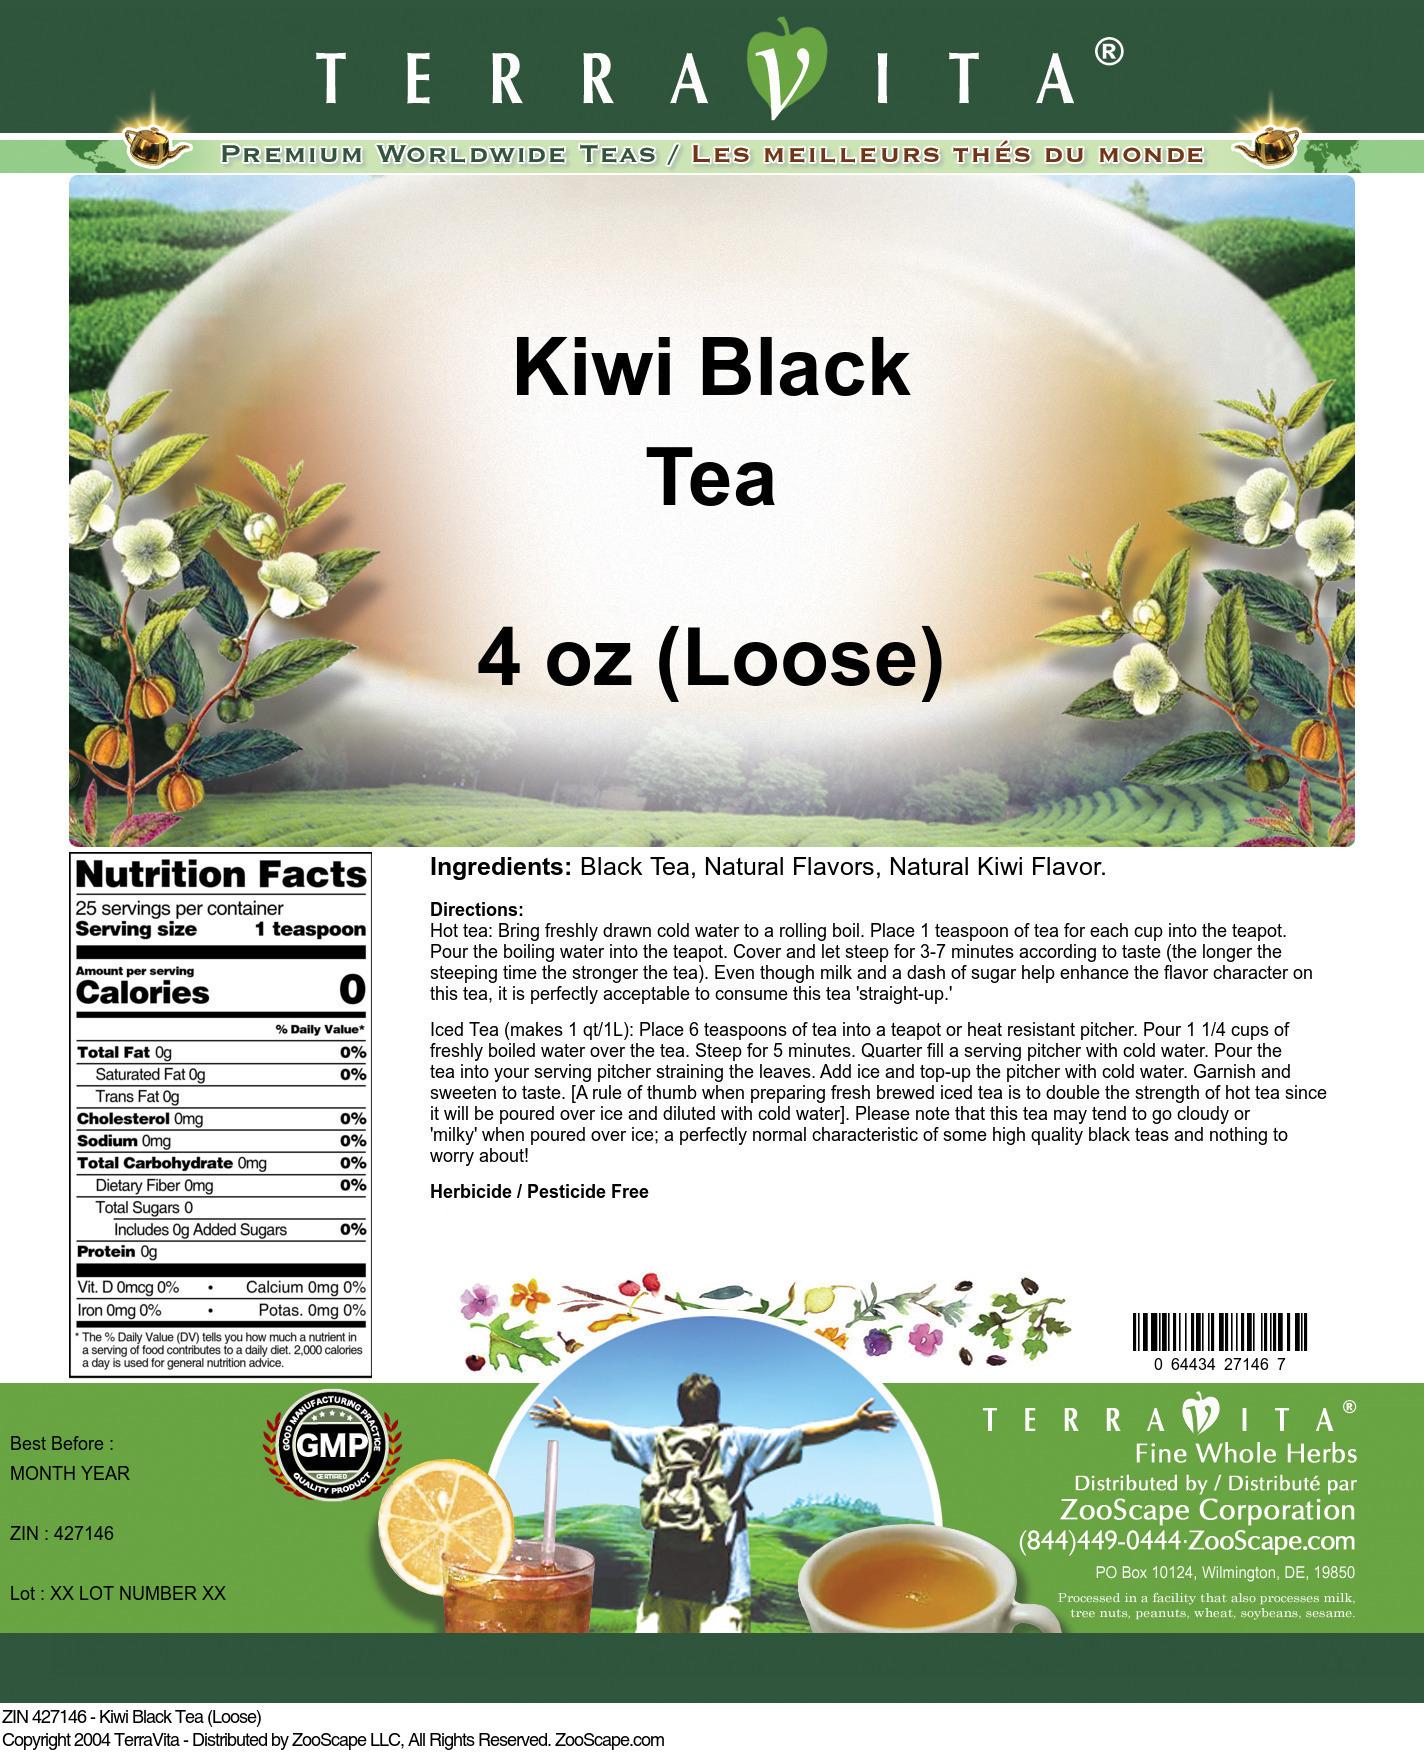 Kiwi Black Tea (Loose)